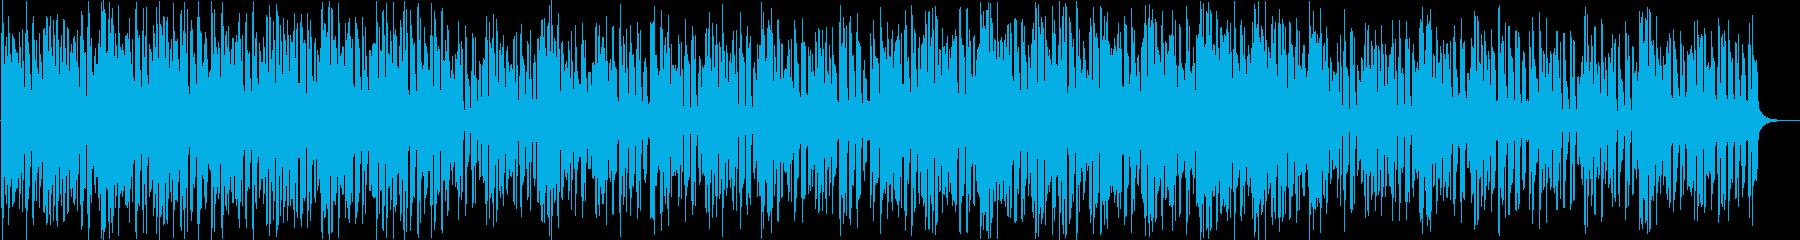 近未来的フューチャーベースエンディングの再生済みの波形